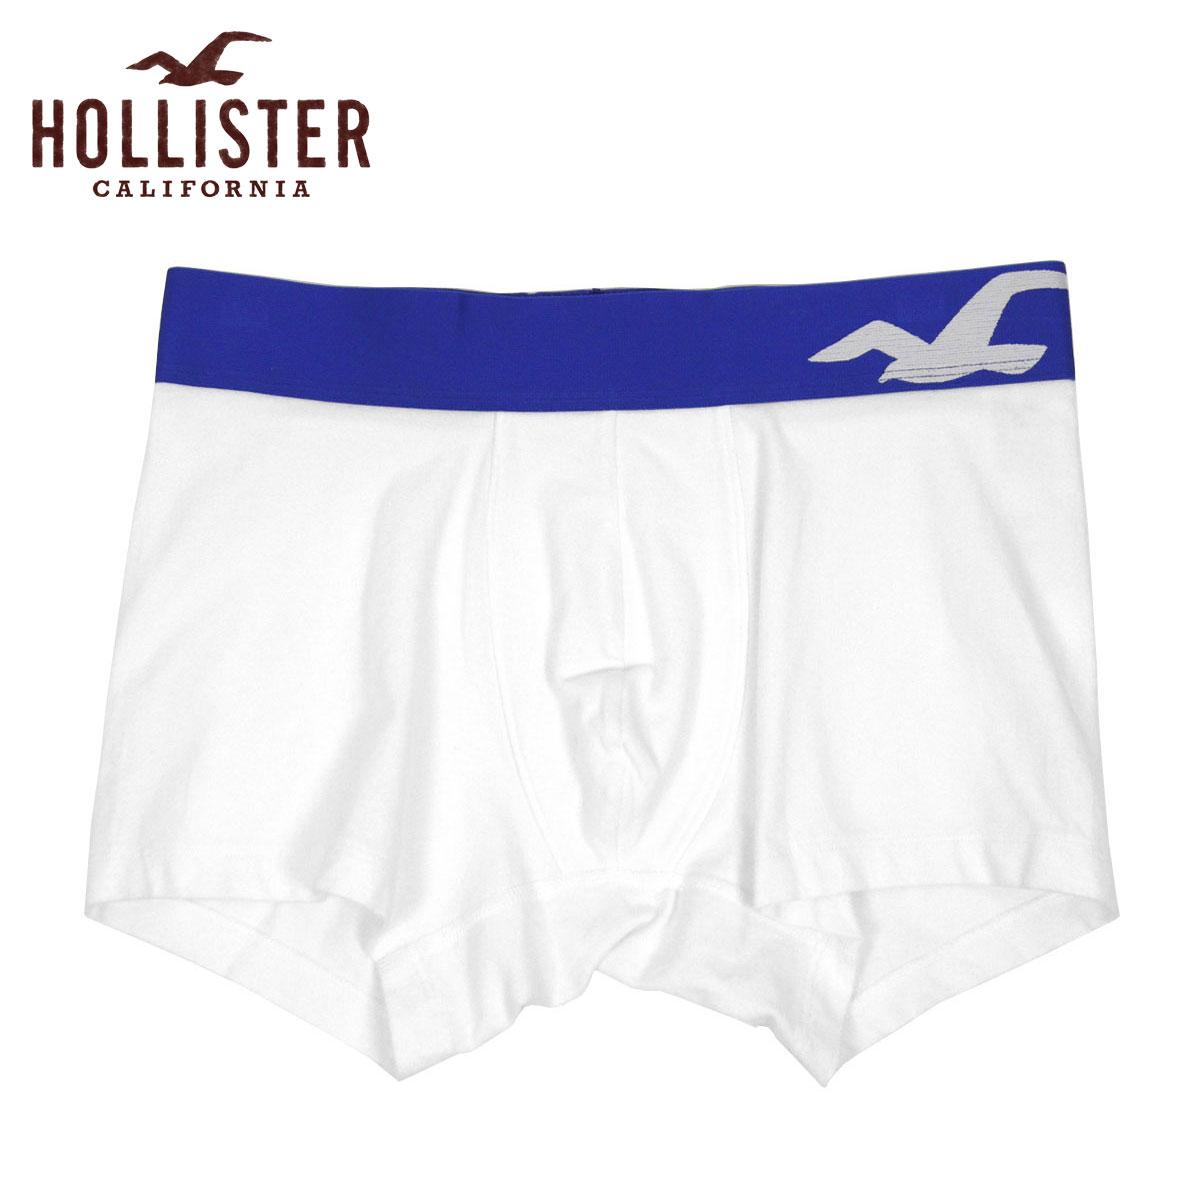 ホリスター HOLLISTER 正規品 メンズ トランクス TRUNK FIT D20S30